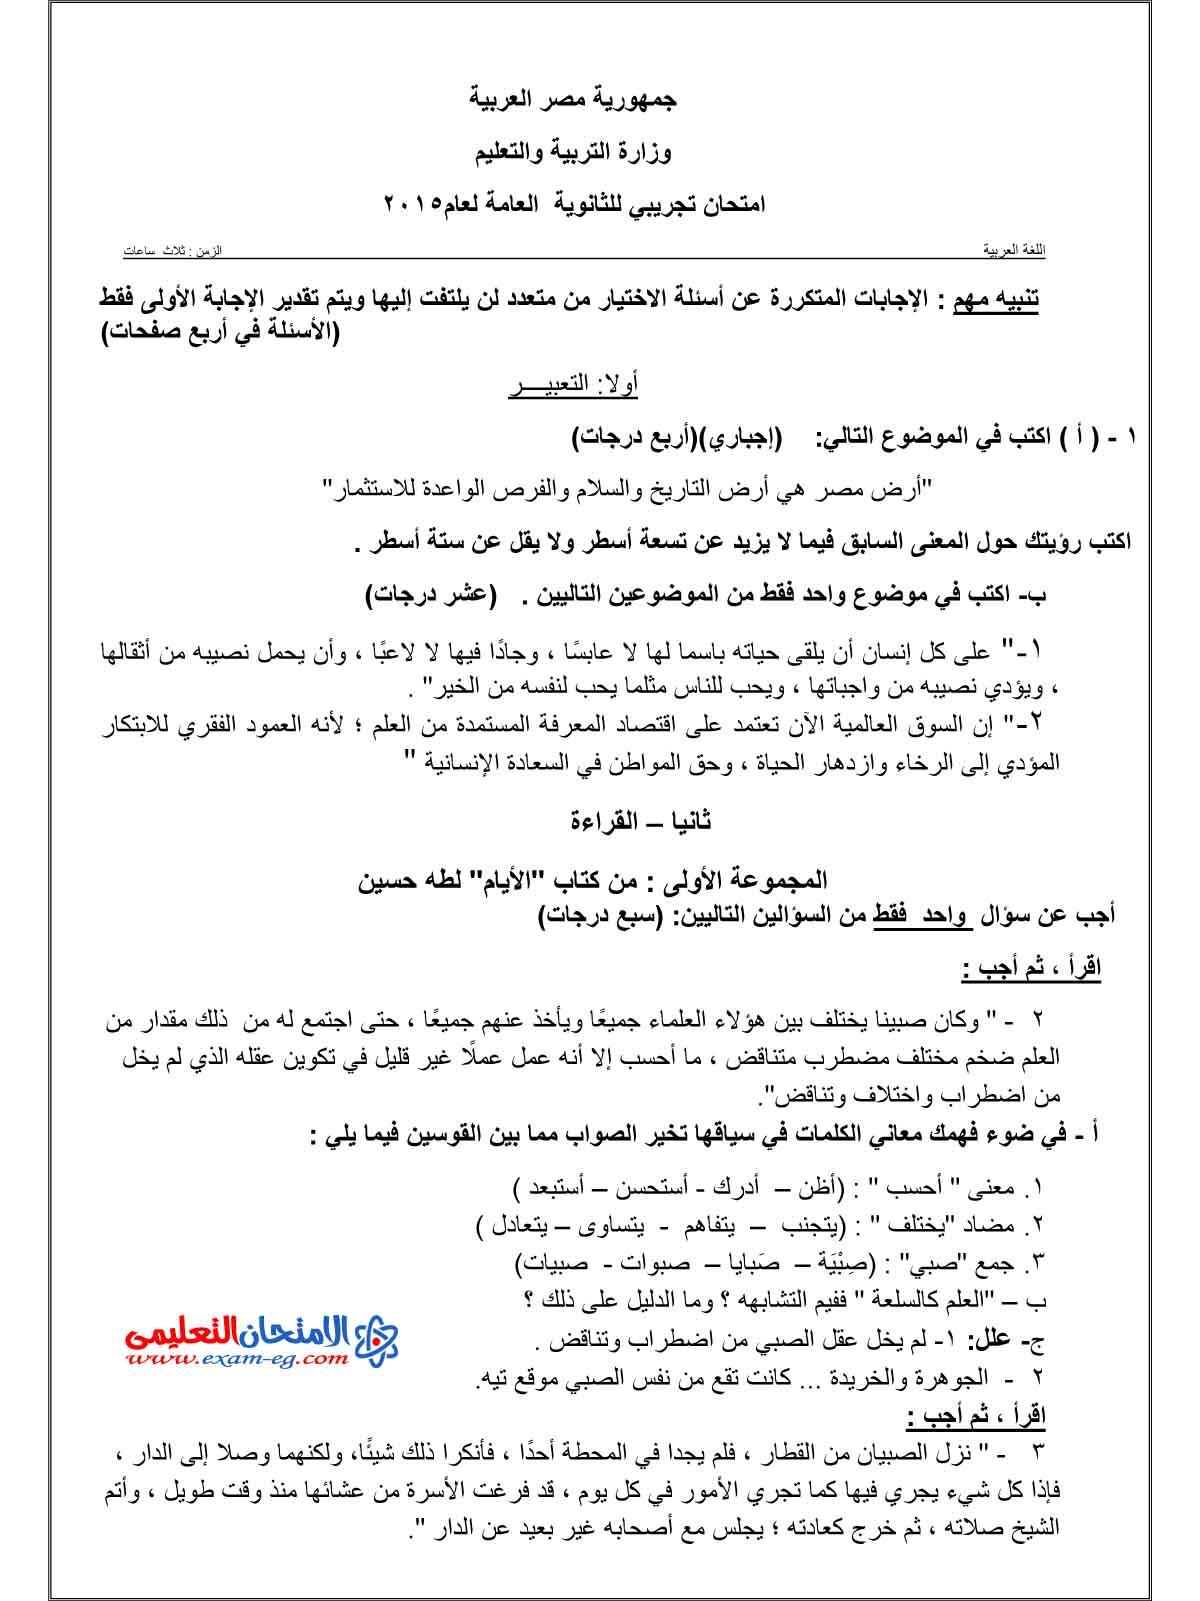 امتحان الوزارة فى اللغة العربية